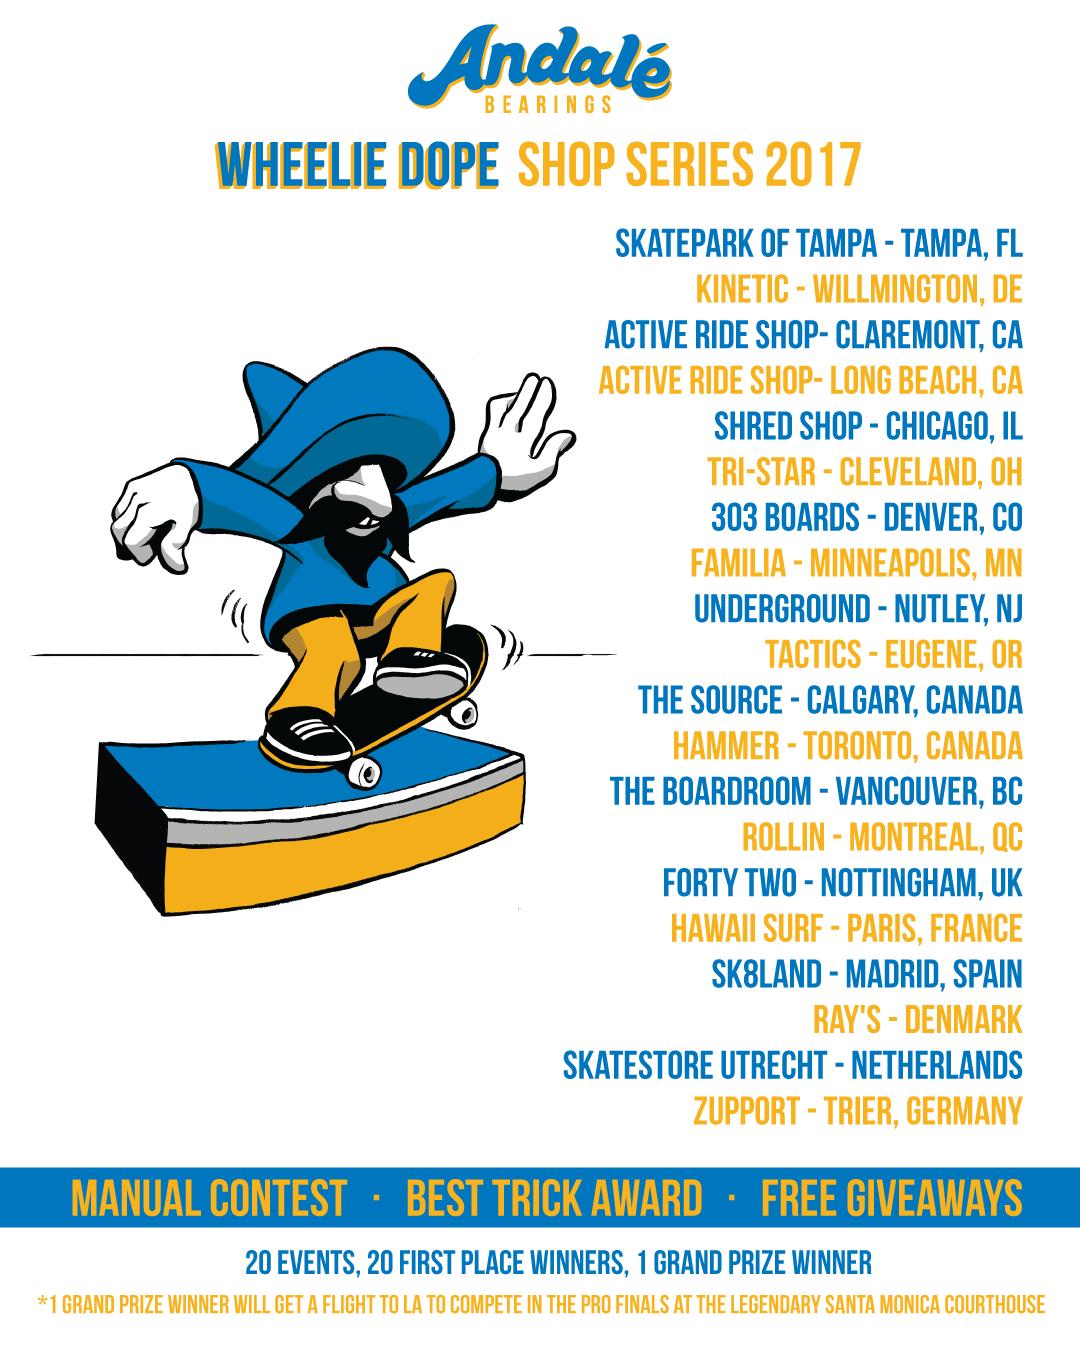 andale wheelie dope shop series 2017